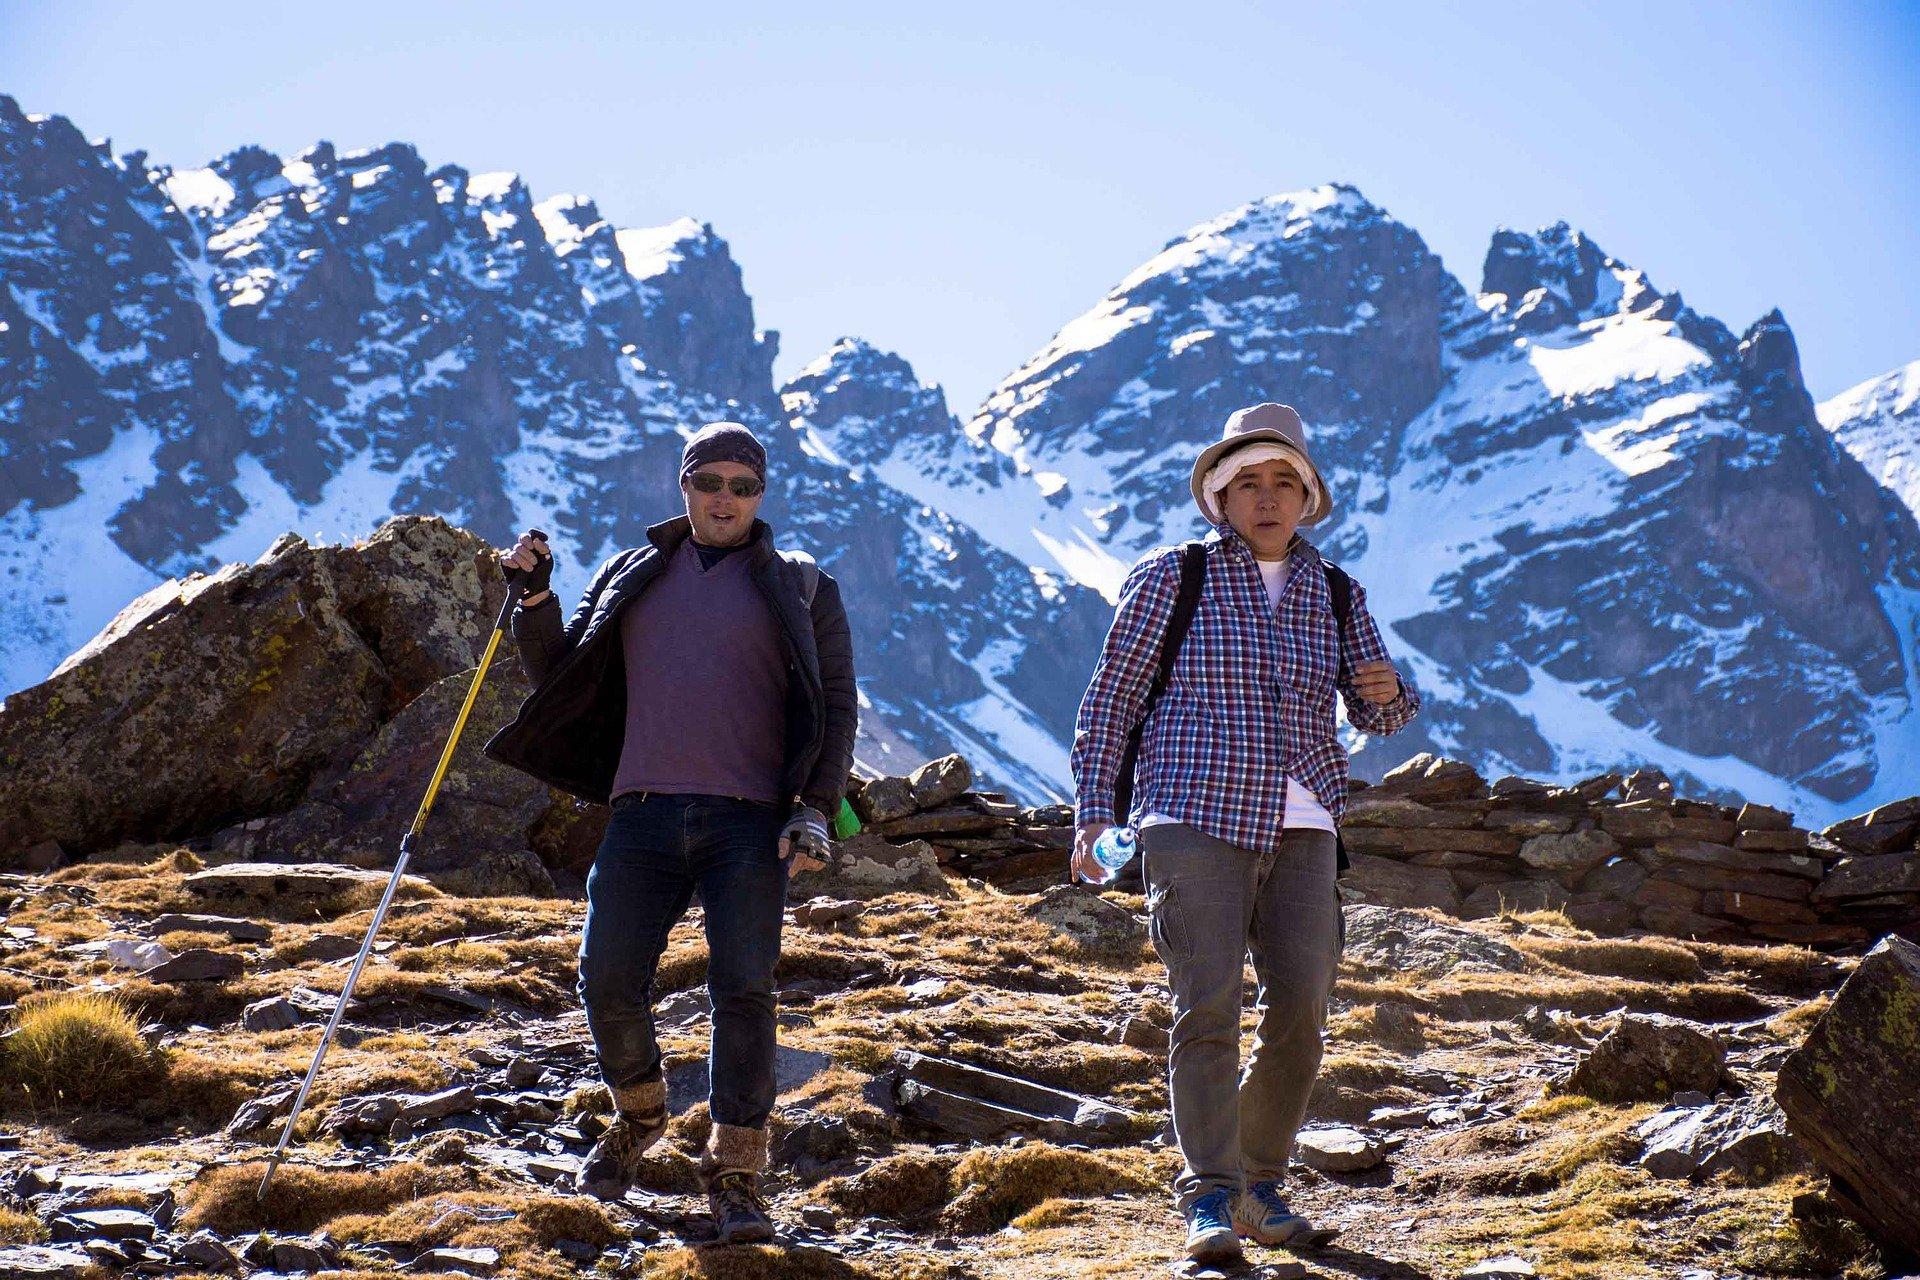 مغامرات سياحية في بوليفيا